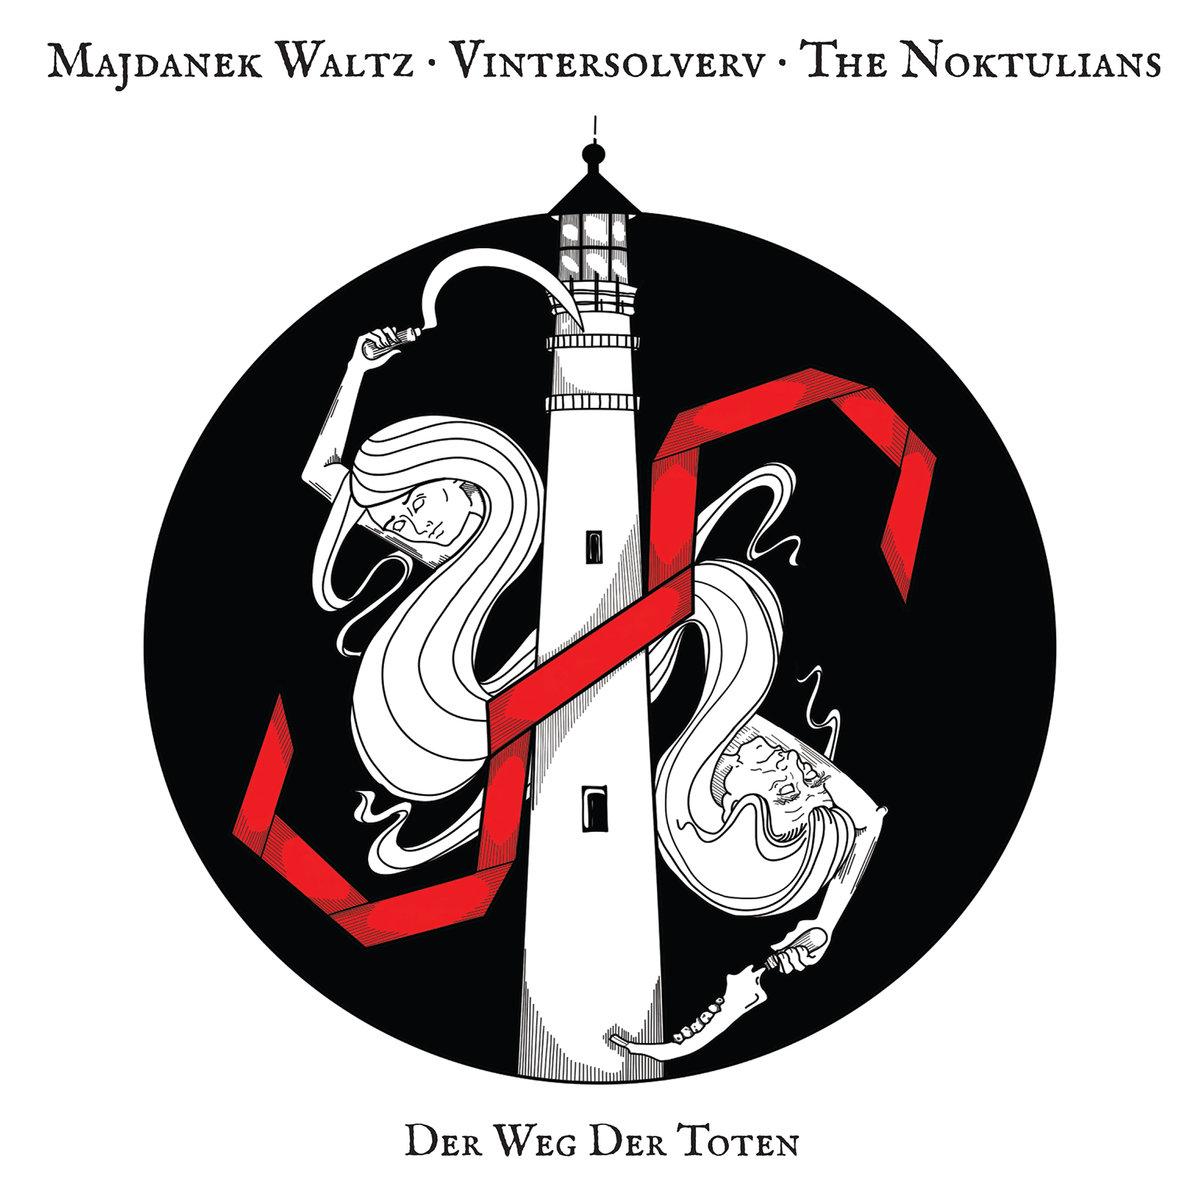 Majdanek Waltz / Vintersolverv / The Noktulians - Der Weg Der Toten